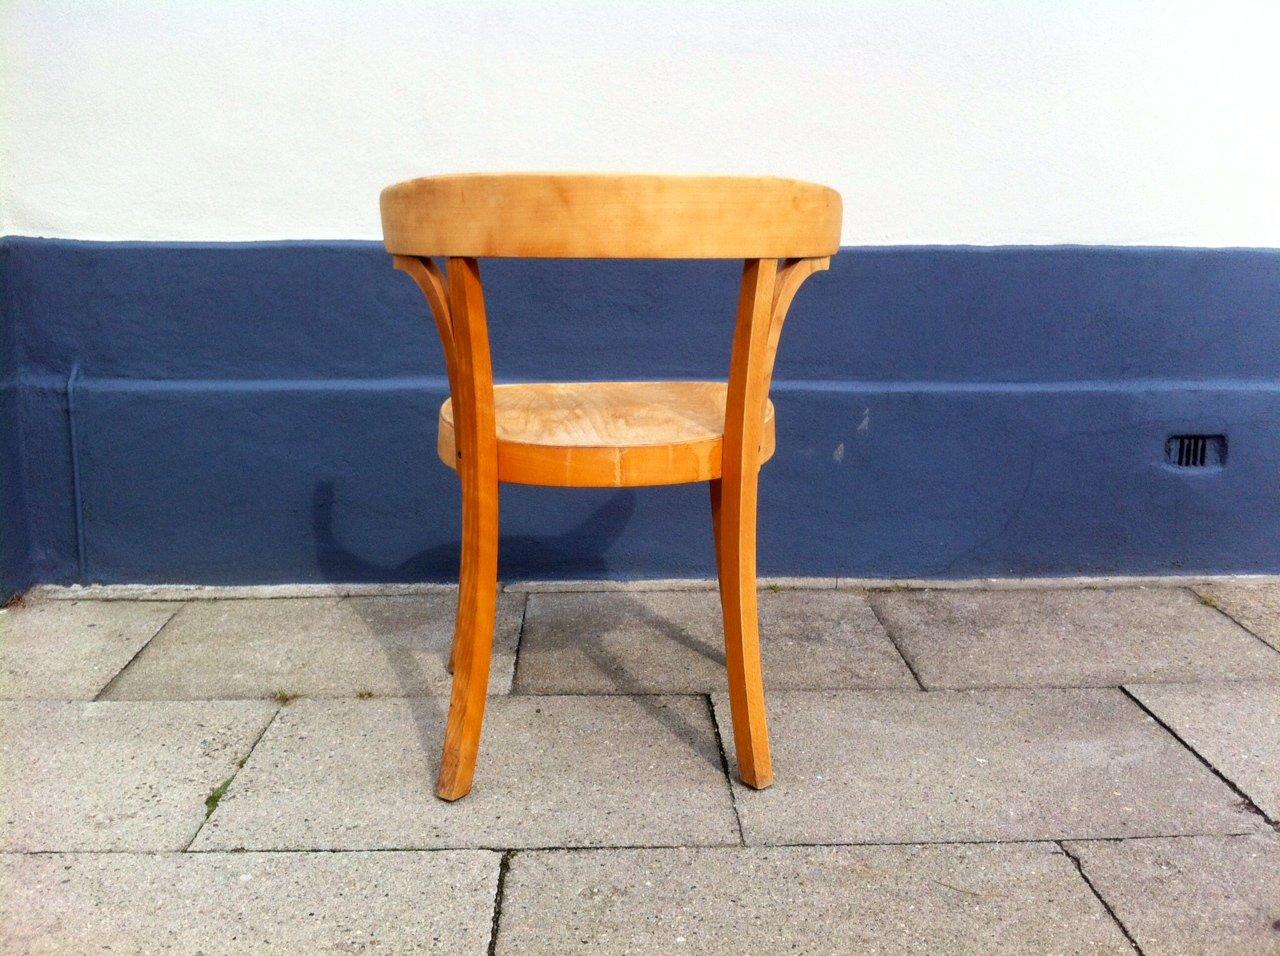 gebogener d nischer vintage schreibtischstuhl aus buche im bauhaus stil von magnus stephensen. Black Bedroom Furniture Sets. Home Design Ideas